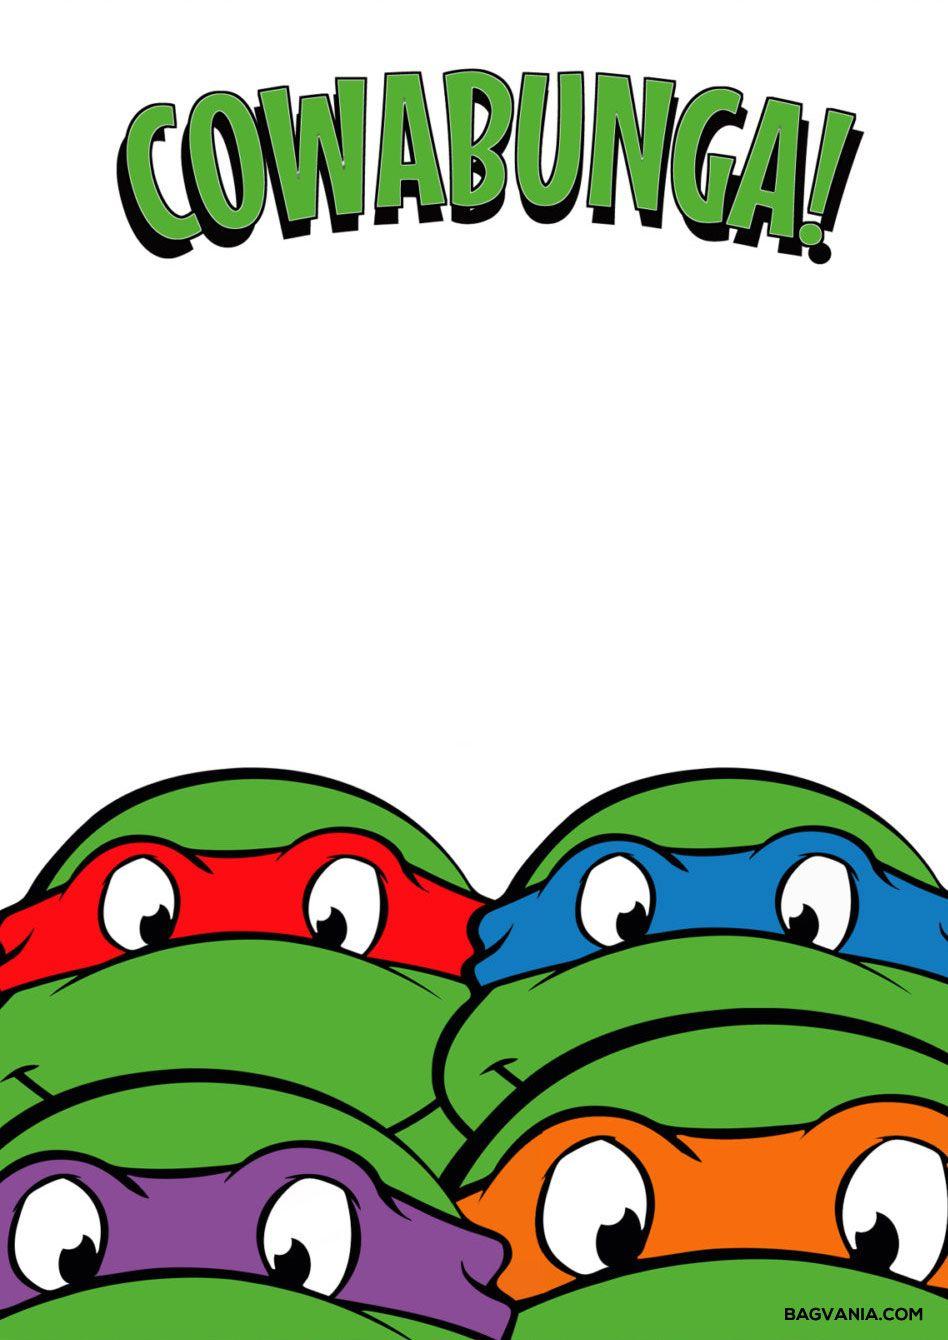 Free Printable Ninja Turtle Birthday Party Invitations – Bagvania - Free Printable Ninja Turtle Birthday Invitations